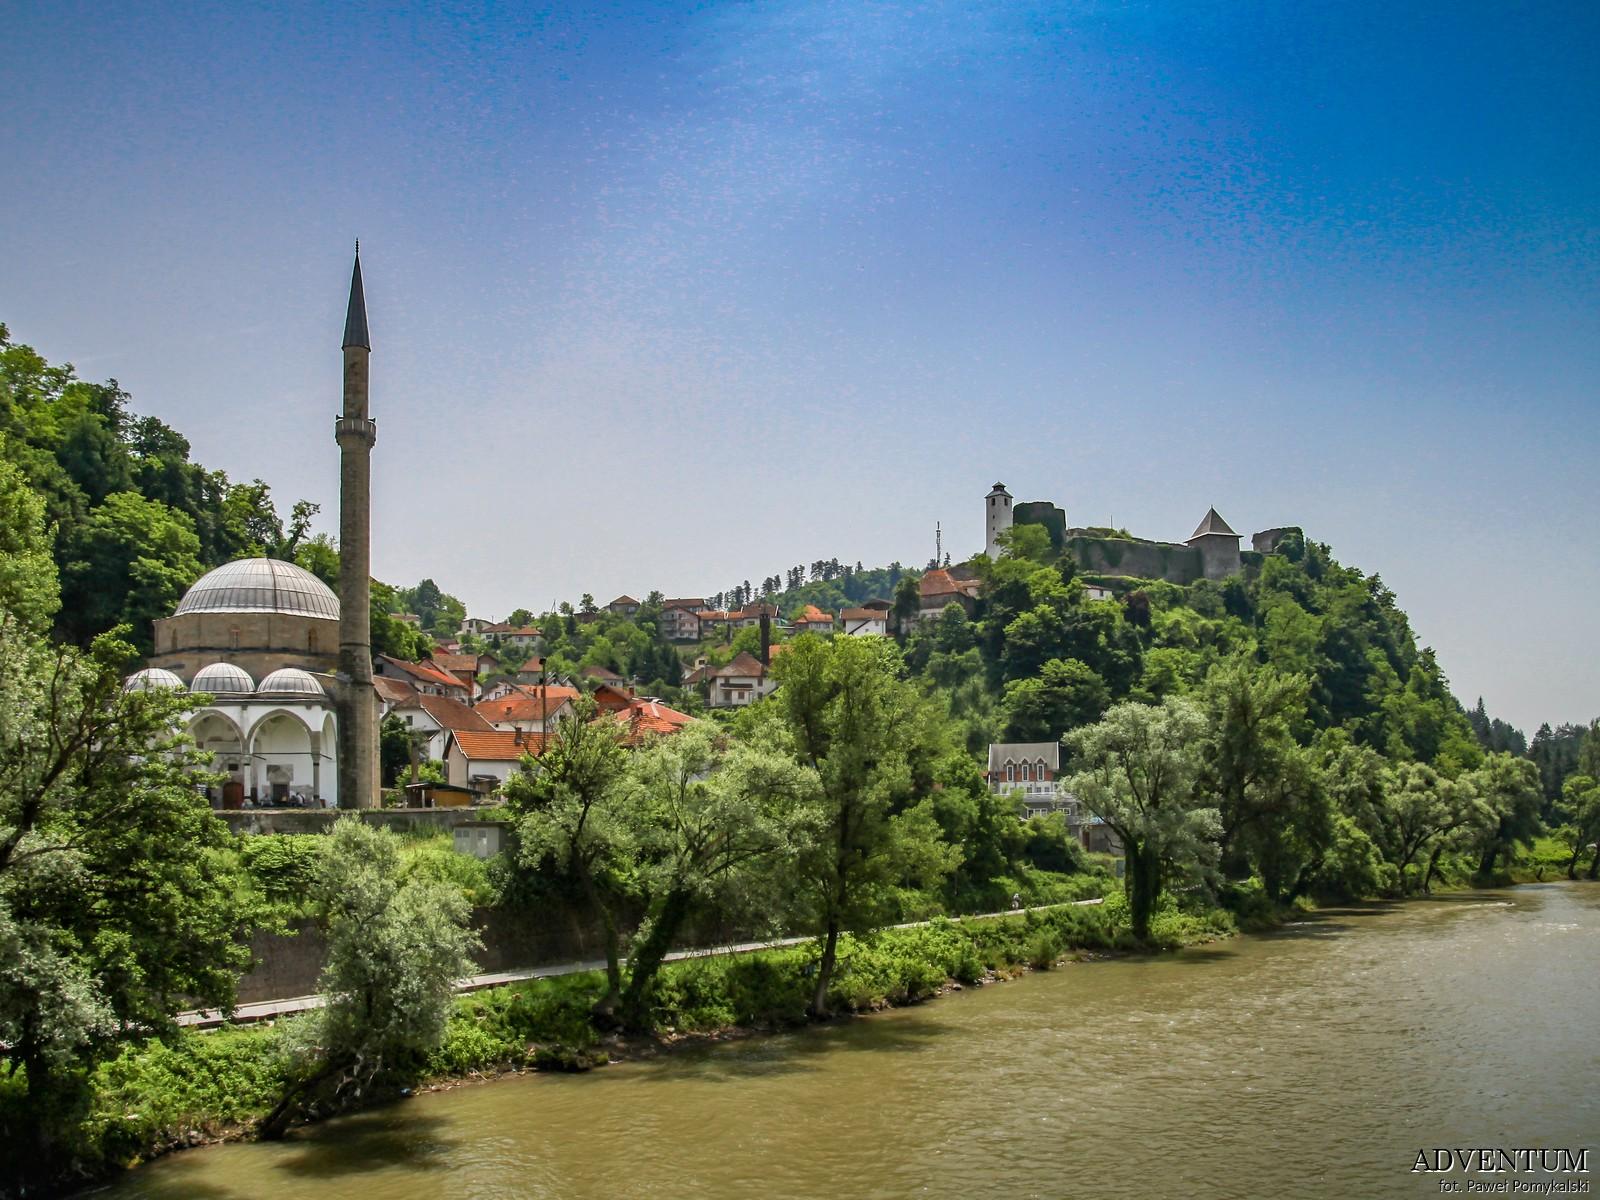 Maglaj Bośnia i hercegowina bałkany atrakcje zwiedzanie co zobaczyć